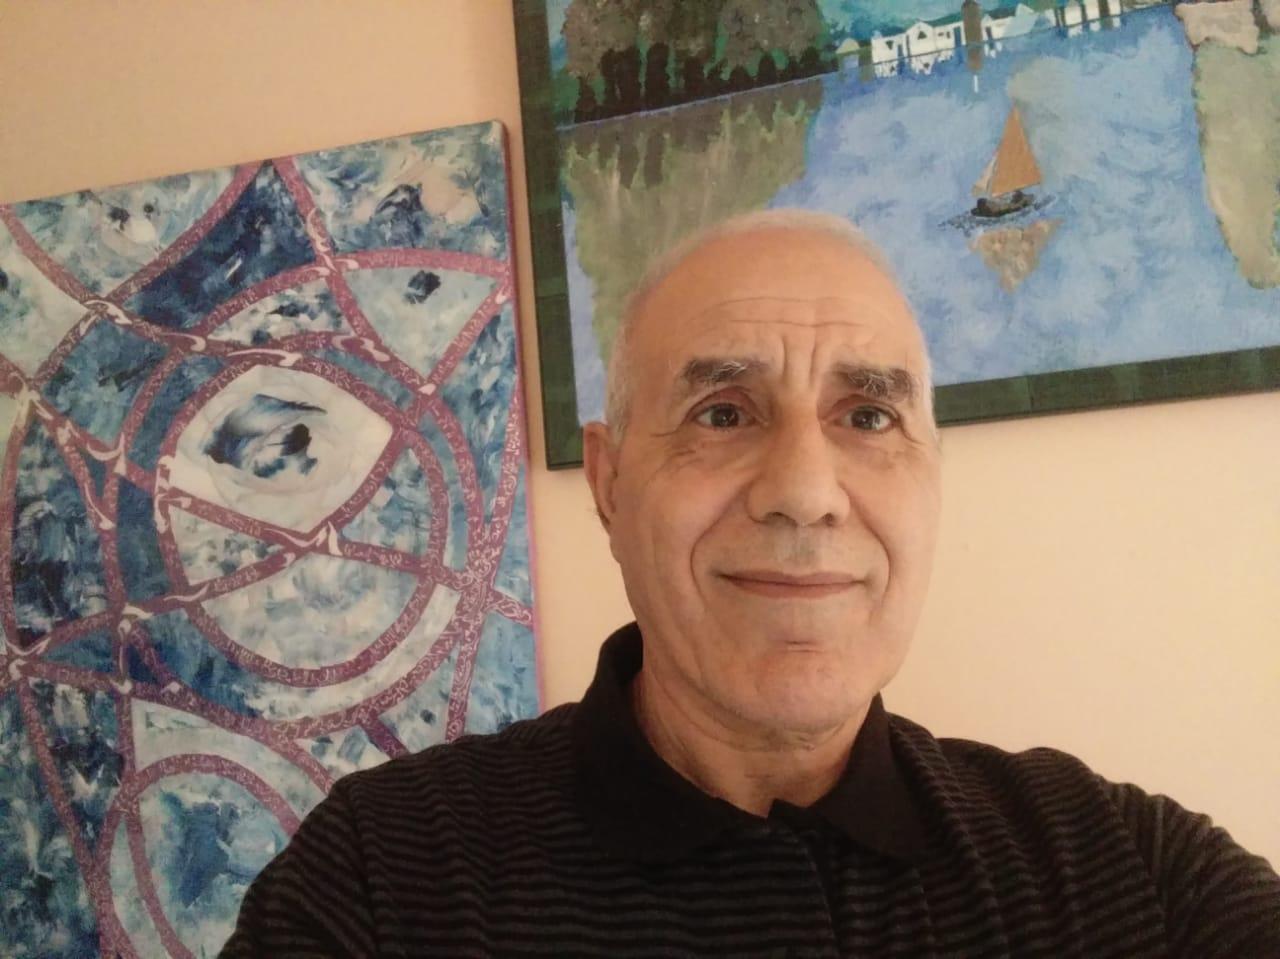 Read more about the article Entretien avec Abdelaâli Benchekroun, président de l'As : « L'art et les artistes ont la mission de promouvoir davantage le dialogue interculturel entre les peuples »